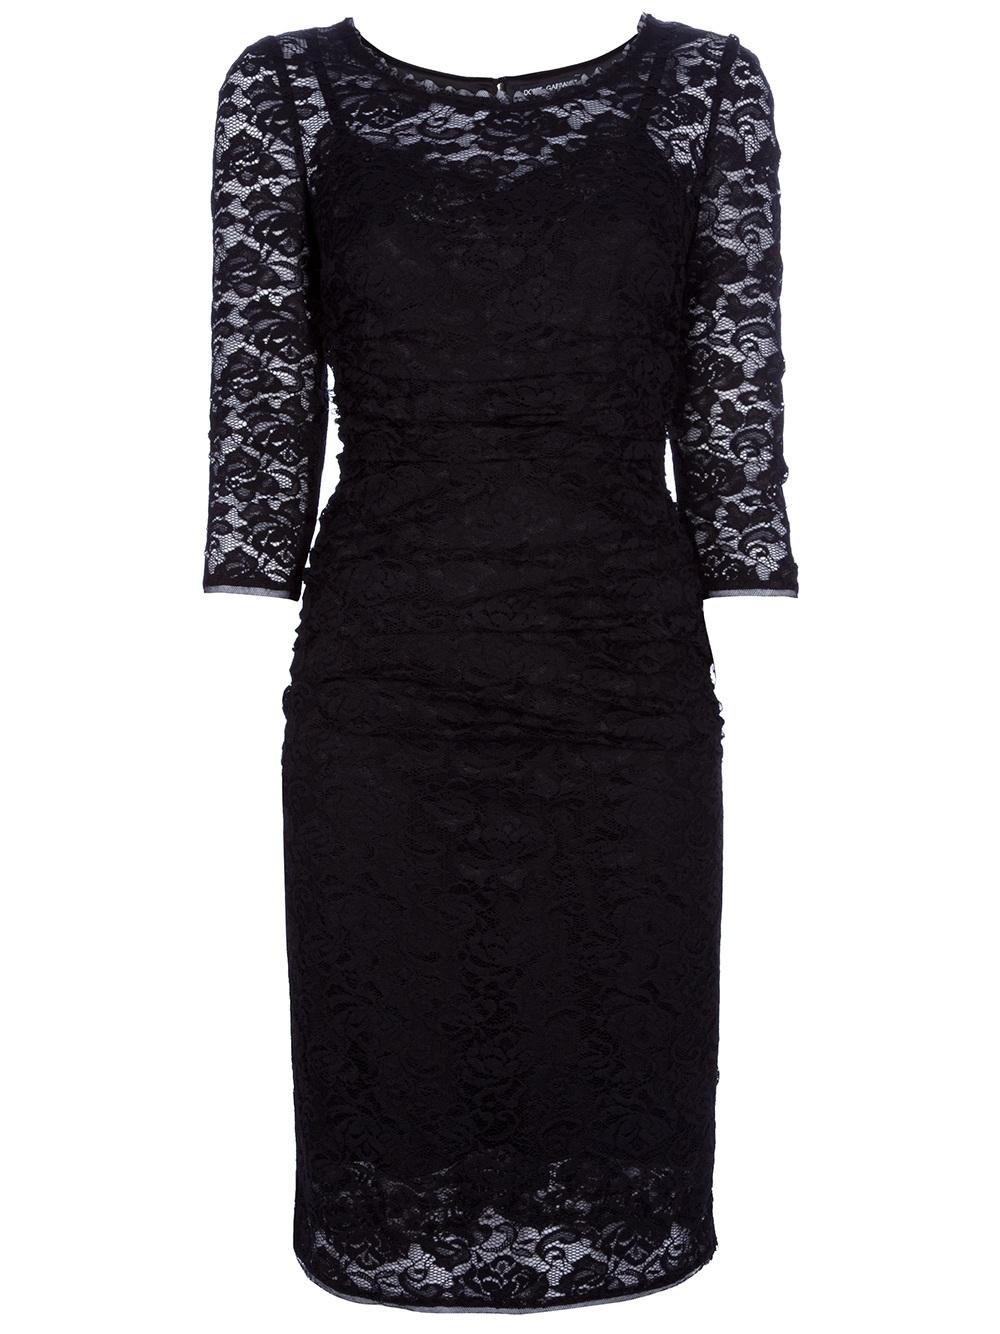 Black Lace Dresses For Women